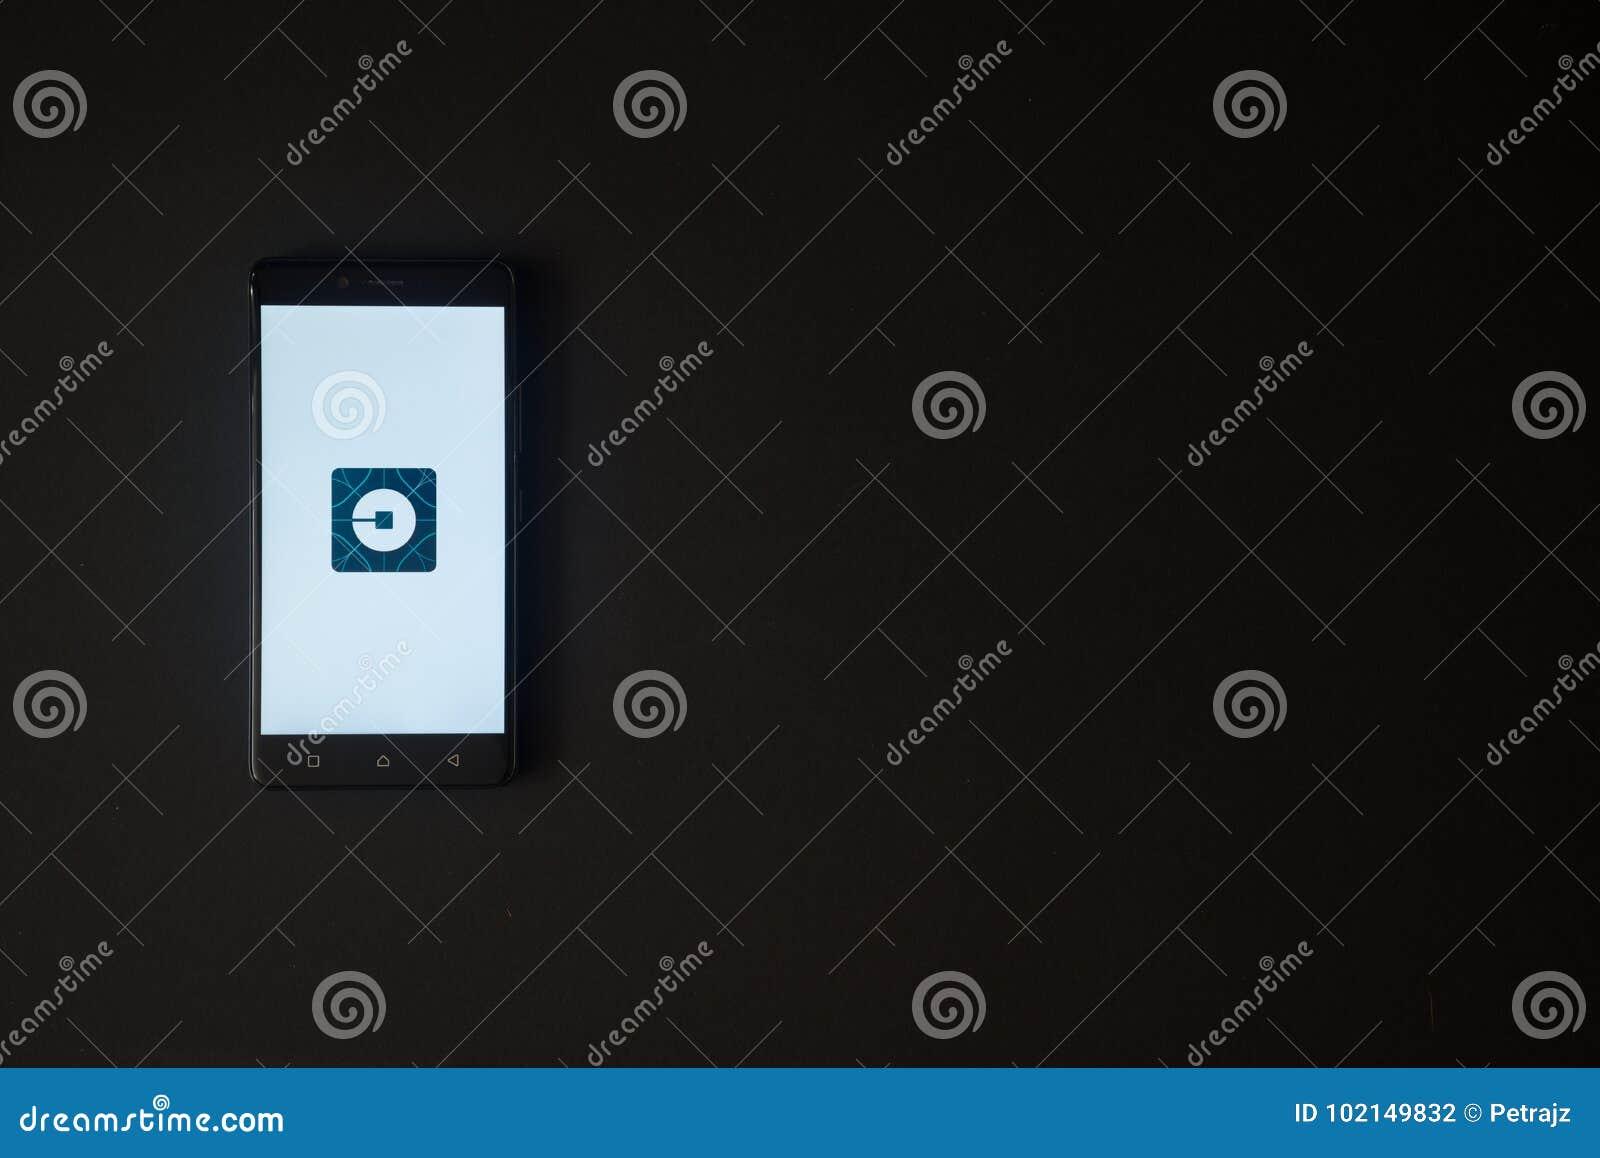 Uber logo on smartphone screen on black background editorial uber logo on smartphone screen on black background icon modern editorial stock photo buycottarizona